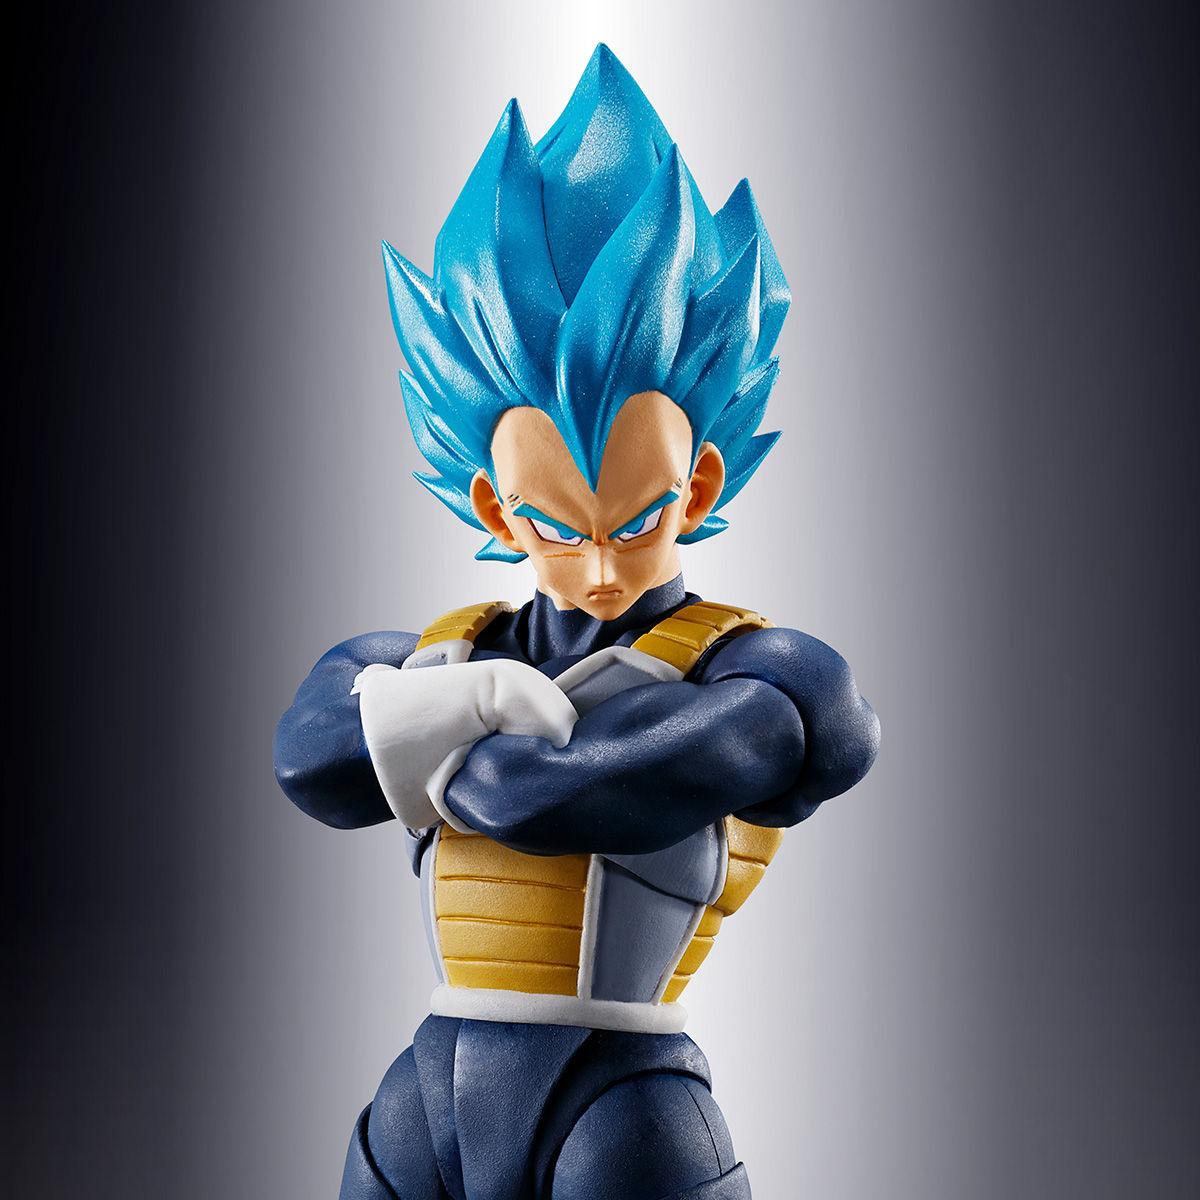 S.H.フィギュアーツ『スーパーサイヤ人ゴッドスーパーサイヤ人 ベジータ-超-』ドラゴンボール超 可動フィギュア-001